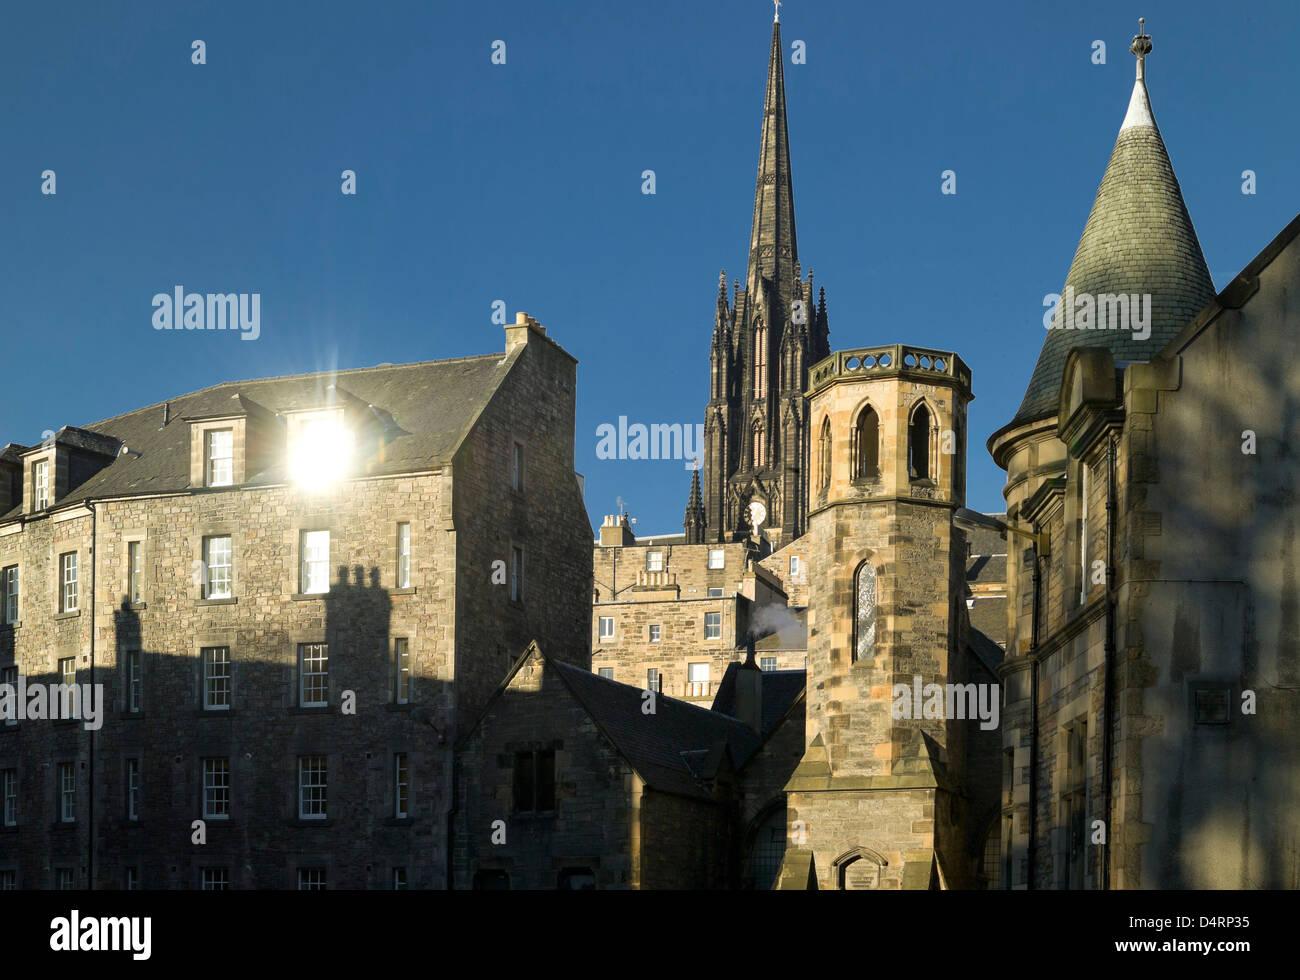 Ciudad vieja arquitectura en moody luz grassmarket con la catedral de St Giles Imagen De Stock